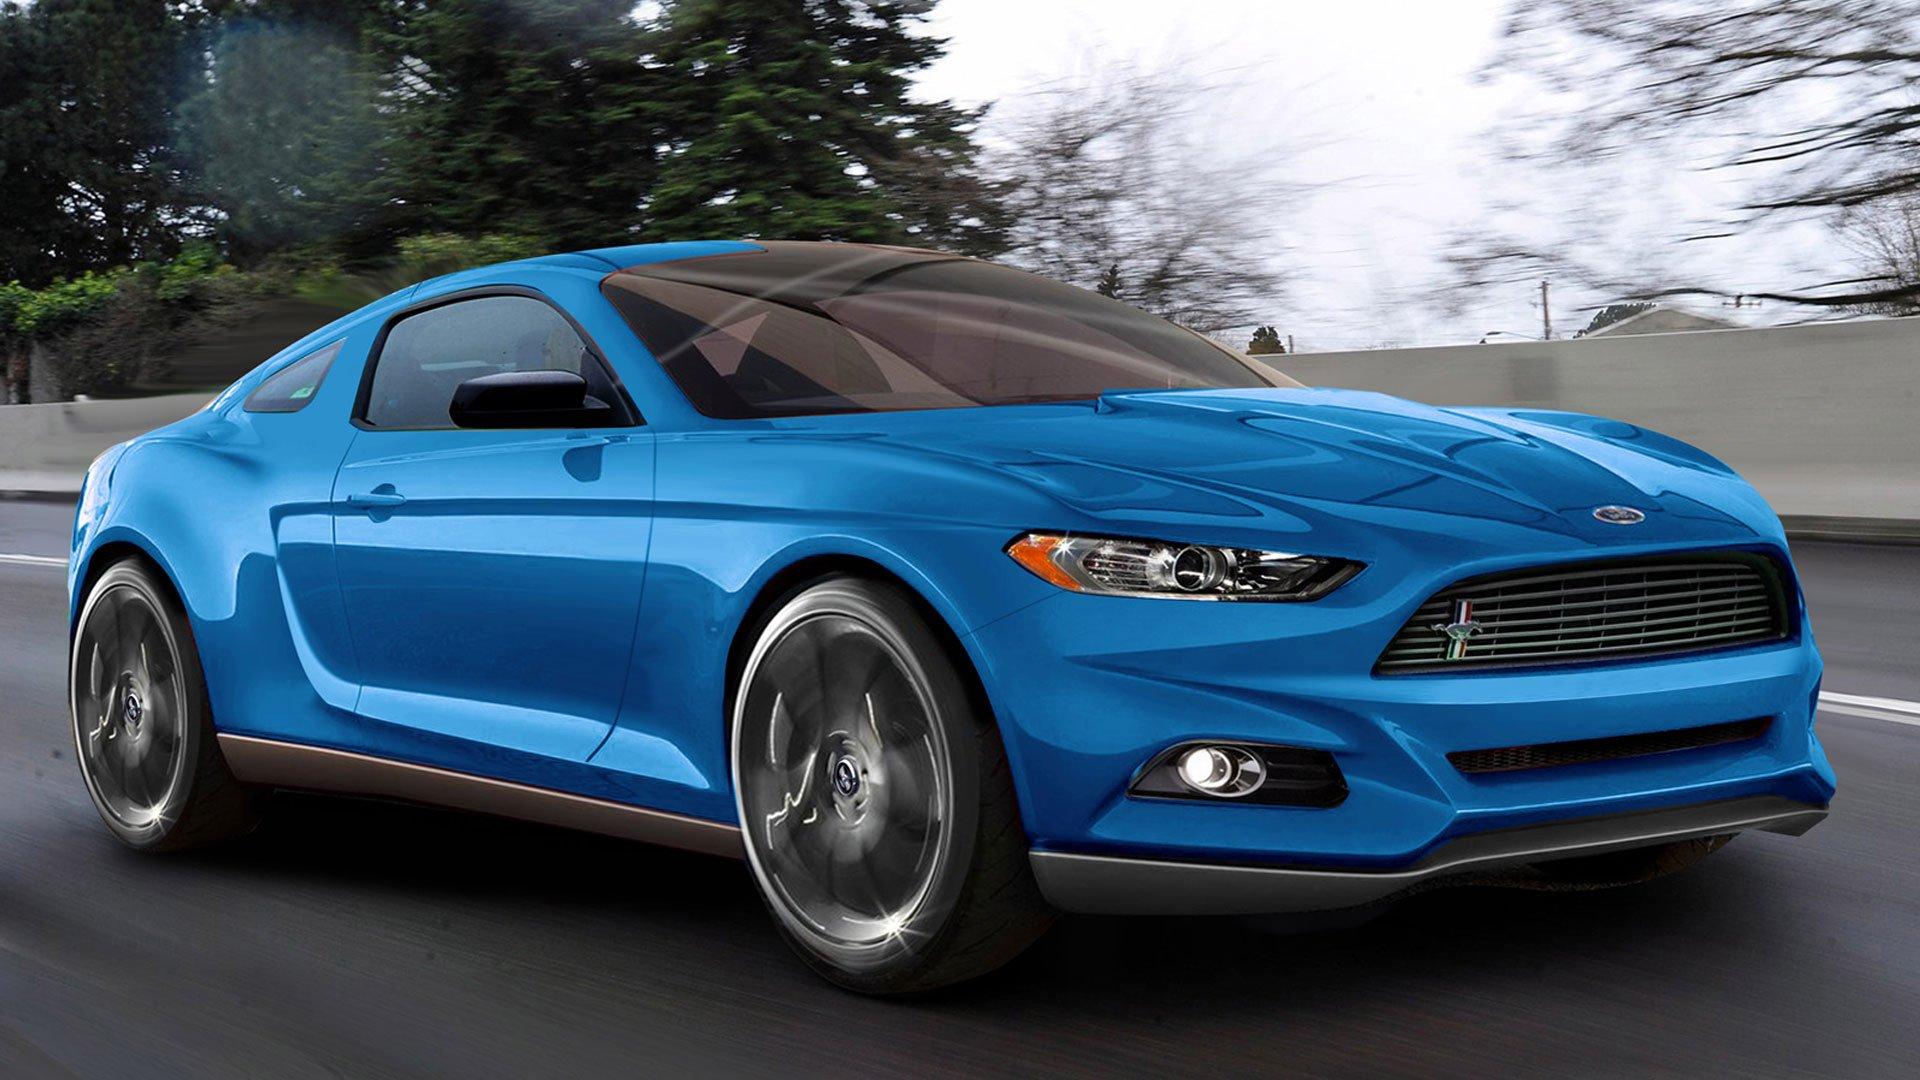 2014 Mustang GT Wallpaper - WallpaperSafari